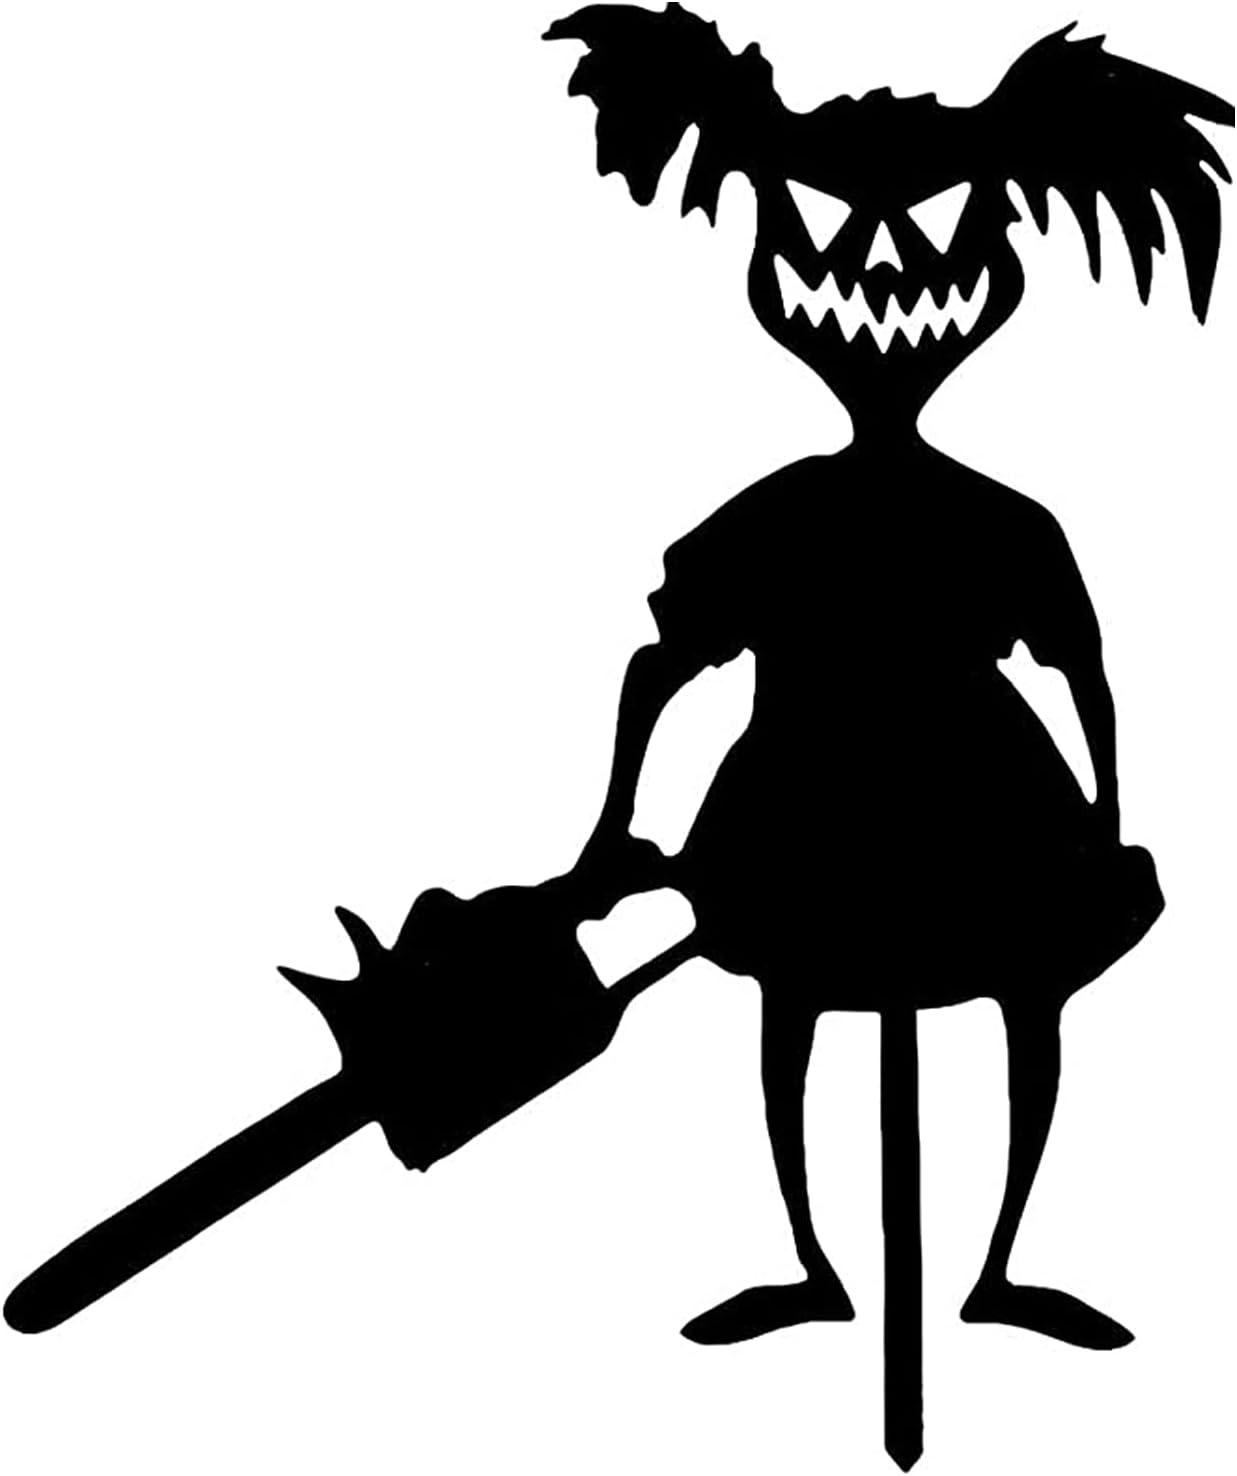 Silueta Arte Metal, Diseño de Zombis Fantasmas Halloween, Estacas de Metal para Jardín, para Macetas de Césped, Decoración de Letreros de Patio